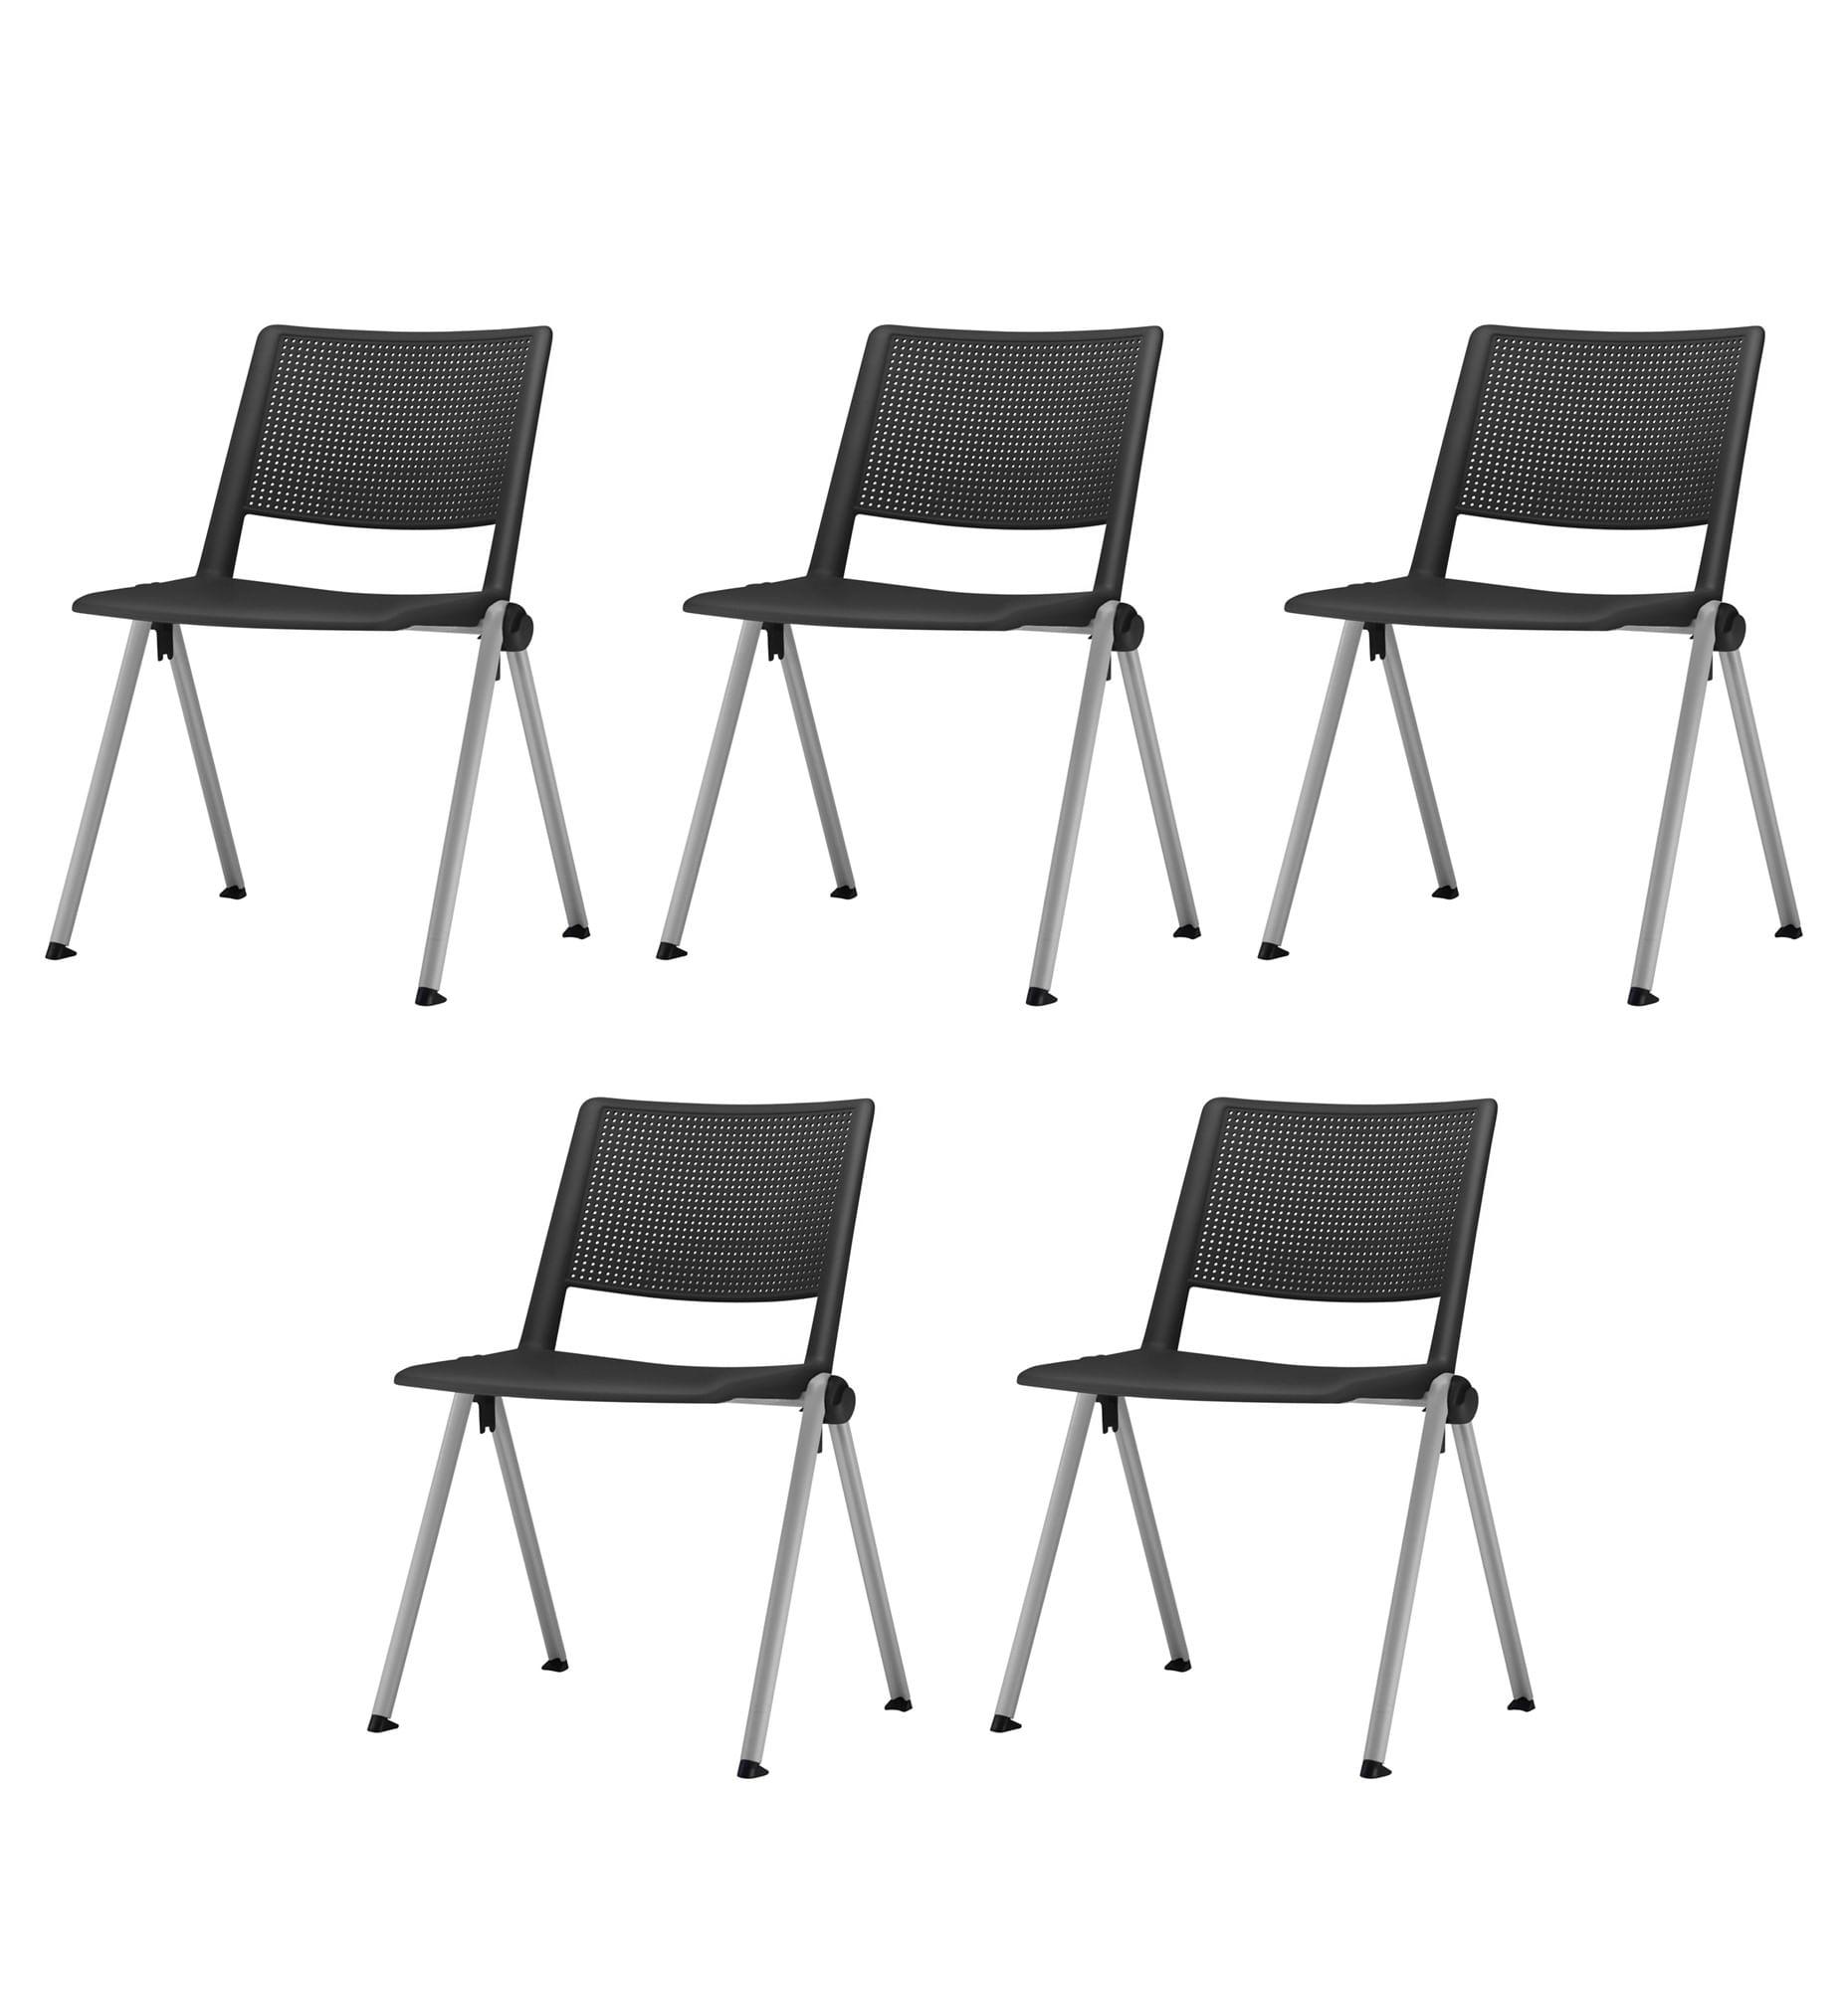 Kit 5 Cadeiras Up Assento Preto Base Fixa Cinza - 57831